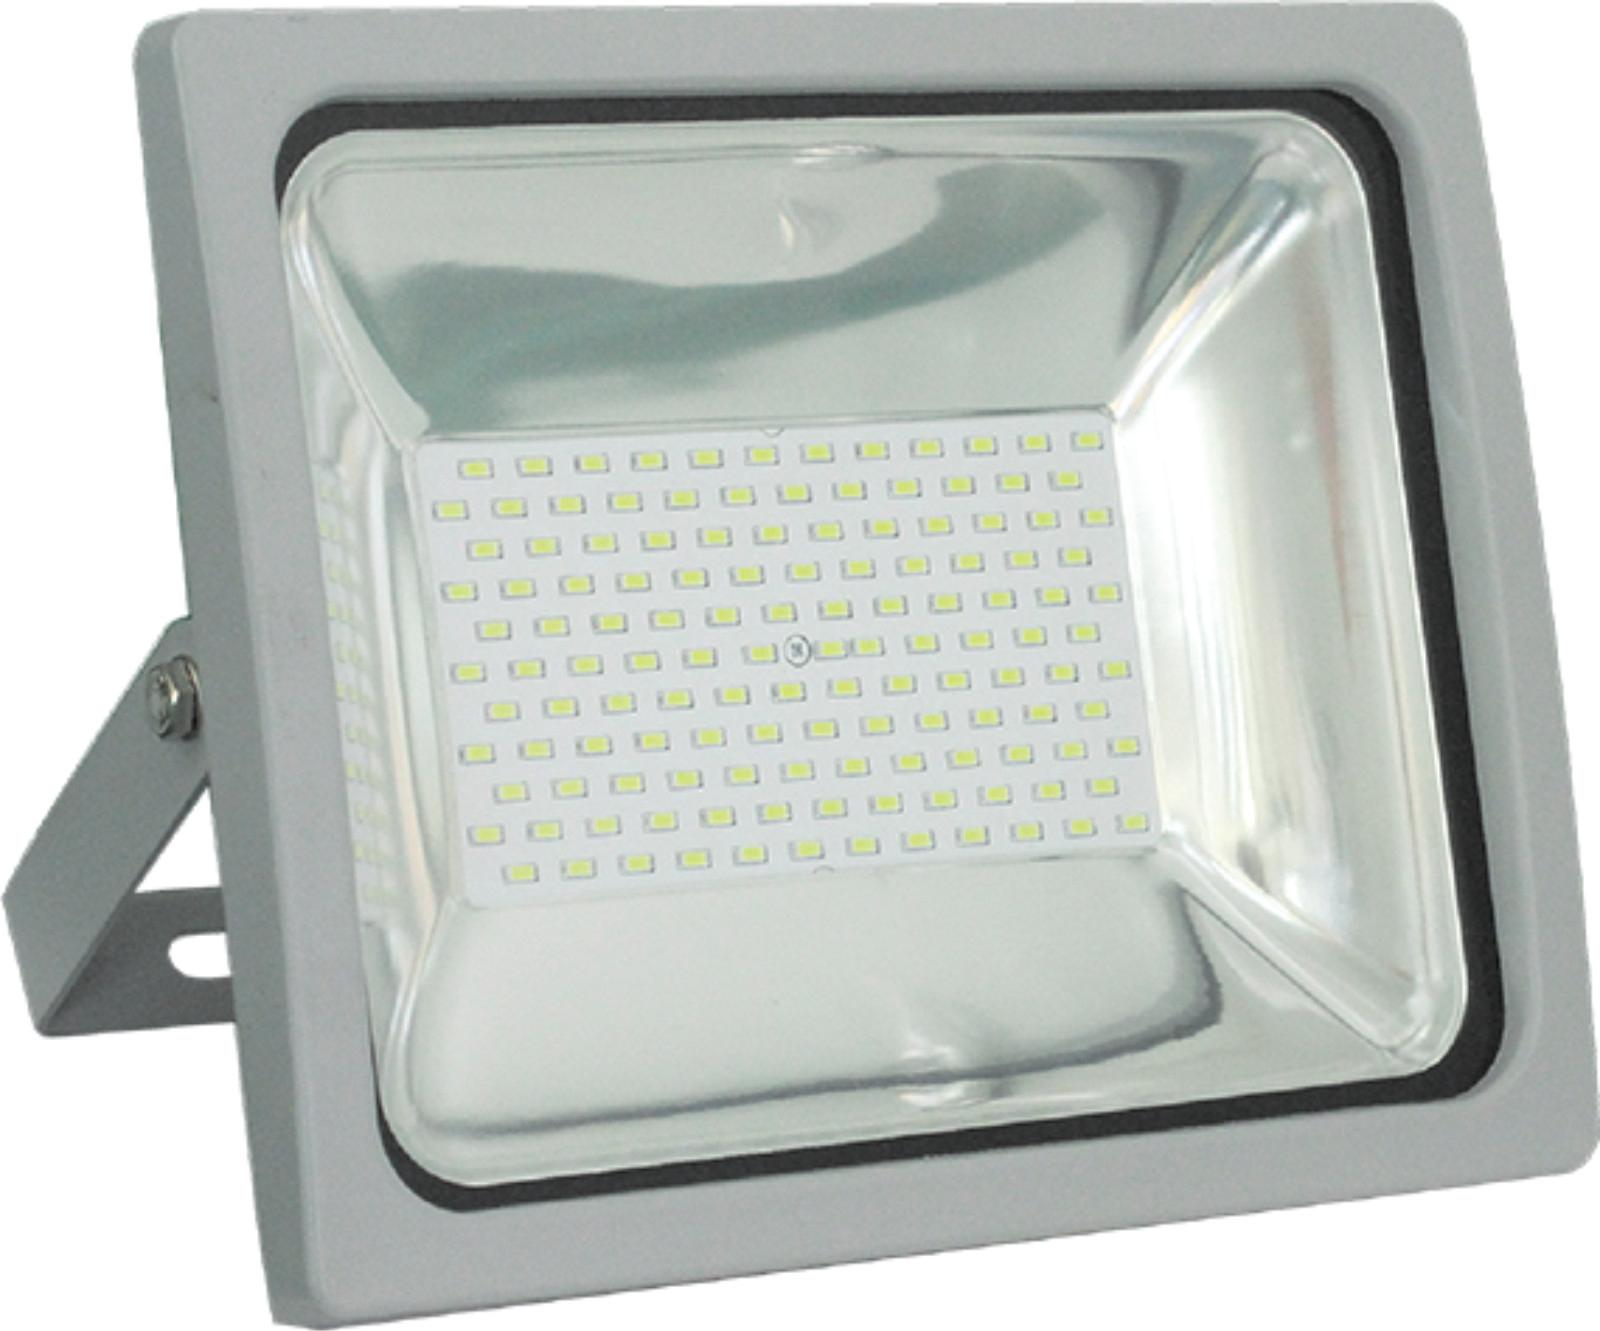 Прожектор LeekПрожекторы<br>Мощность: 70,<br>Ширина: 286,<br>Длина (мм): 144,<br>Высота: 236,<br>Тип лампы: светодиодная,<br>Патрон: LED,<br>Цвет арматуры: белый,<br>Степень защиты от пыли и влаги: IP 65,<br>Тип: стационарный,<br>Назначение прожектора: уличный,<br>Цветовая температура: 6500<br>